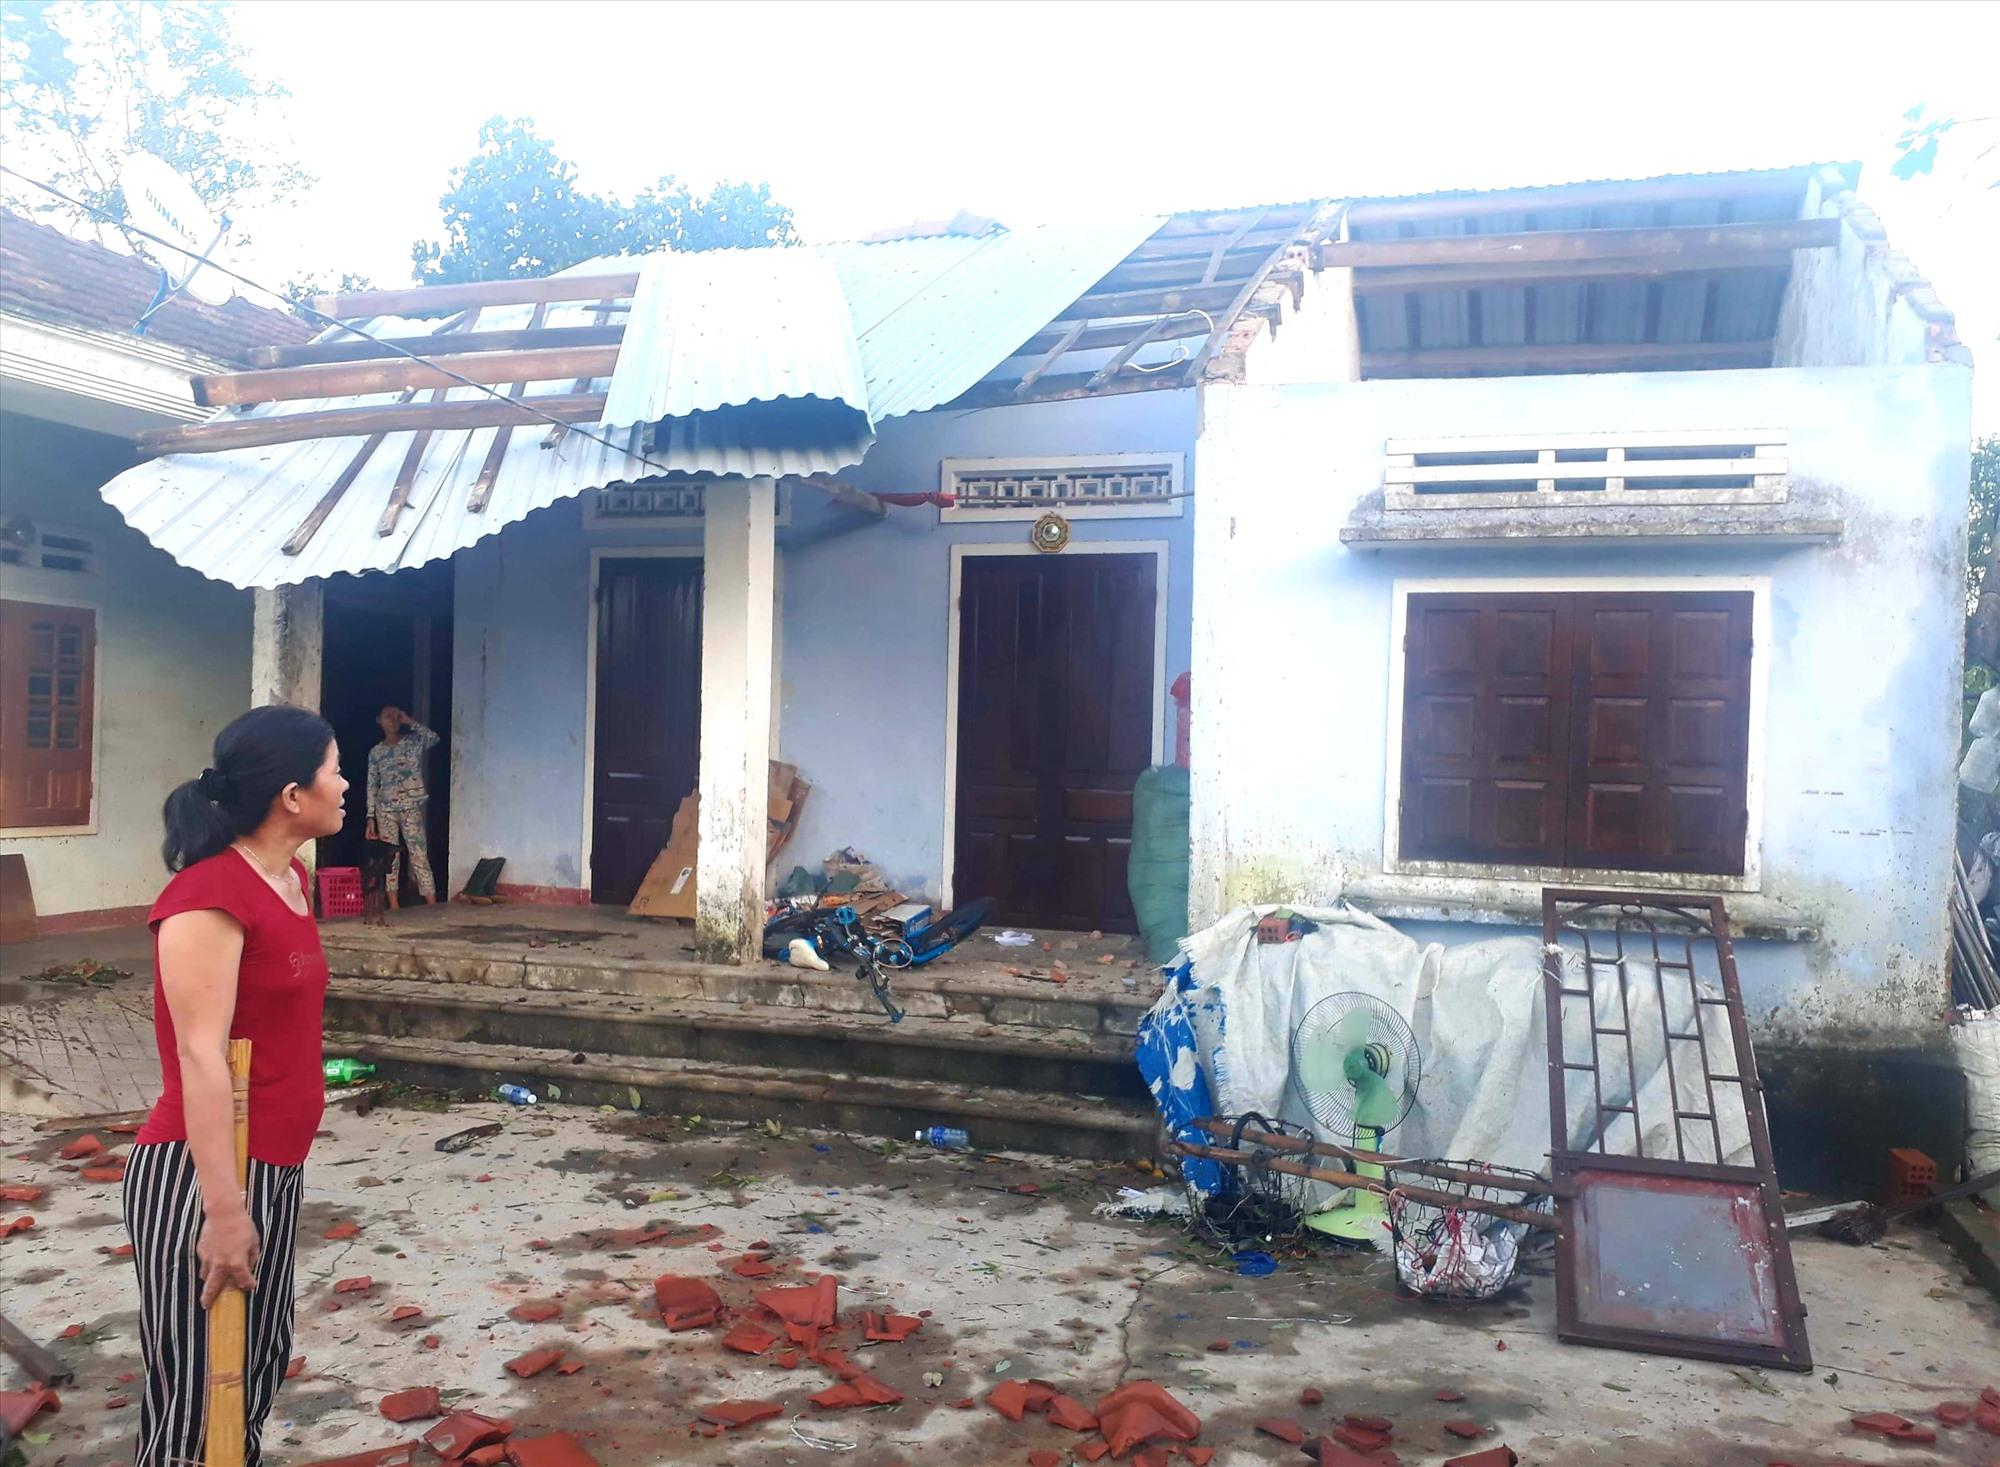 Bão làm hư hỏng, tốc mái nhiều nhà dân ở Quế Sơn. Ảnh: S.T